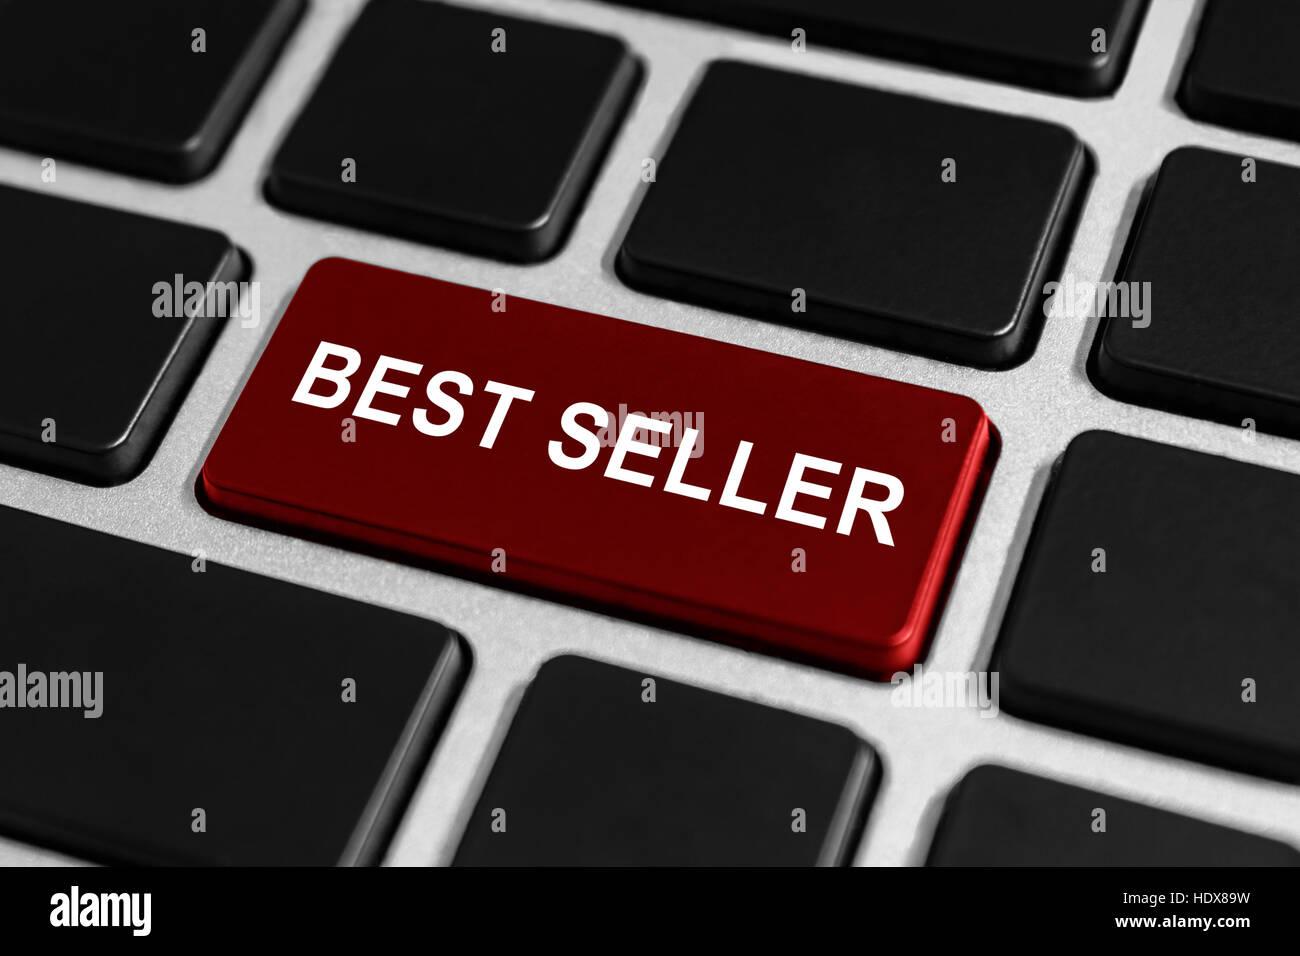 Best Seller botón rojo sobre el teclado, concepto de negocio Foto de stock